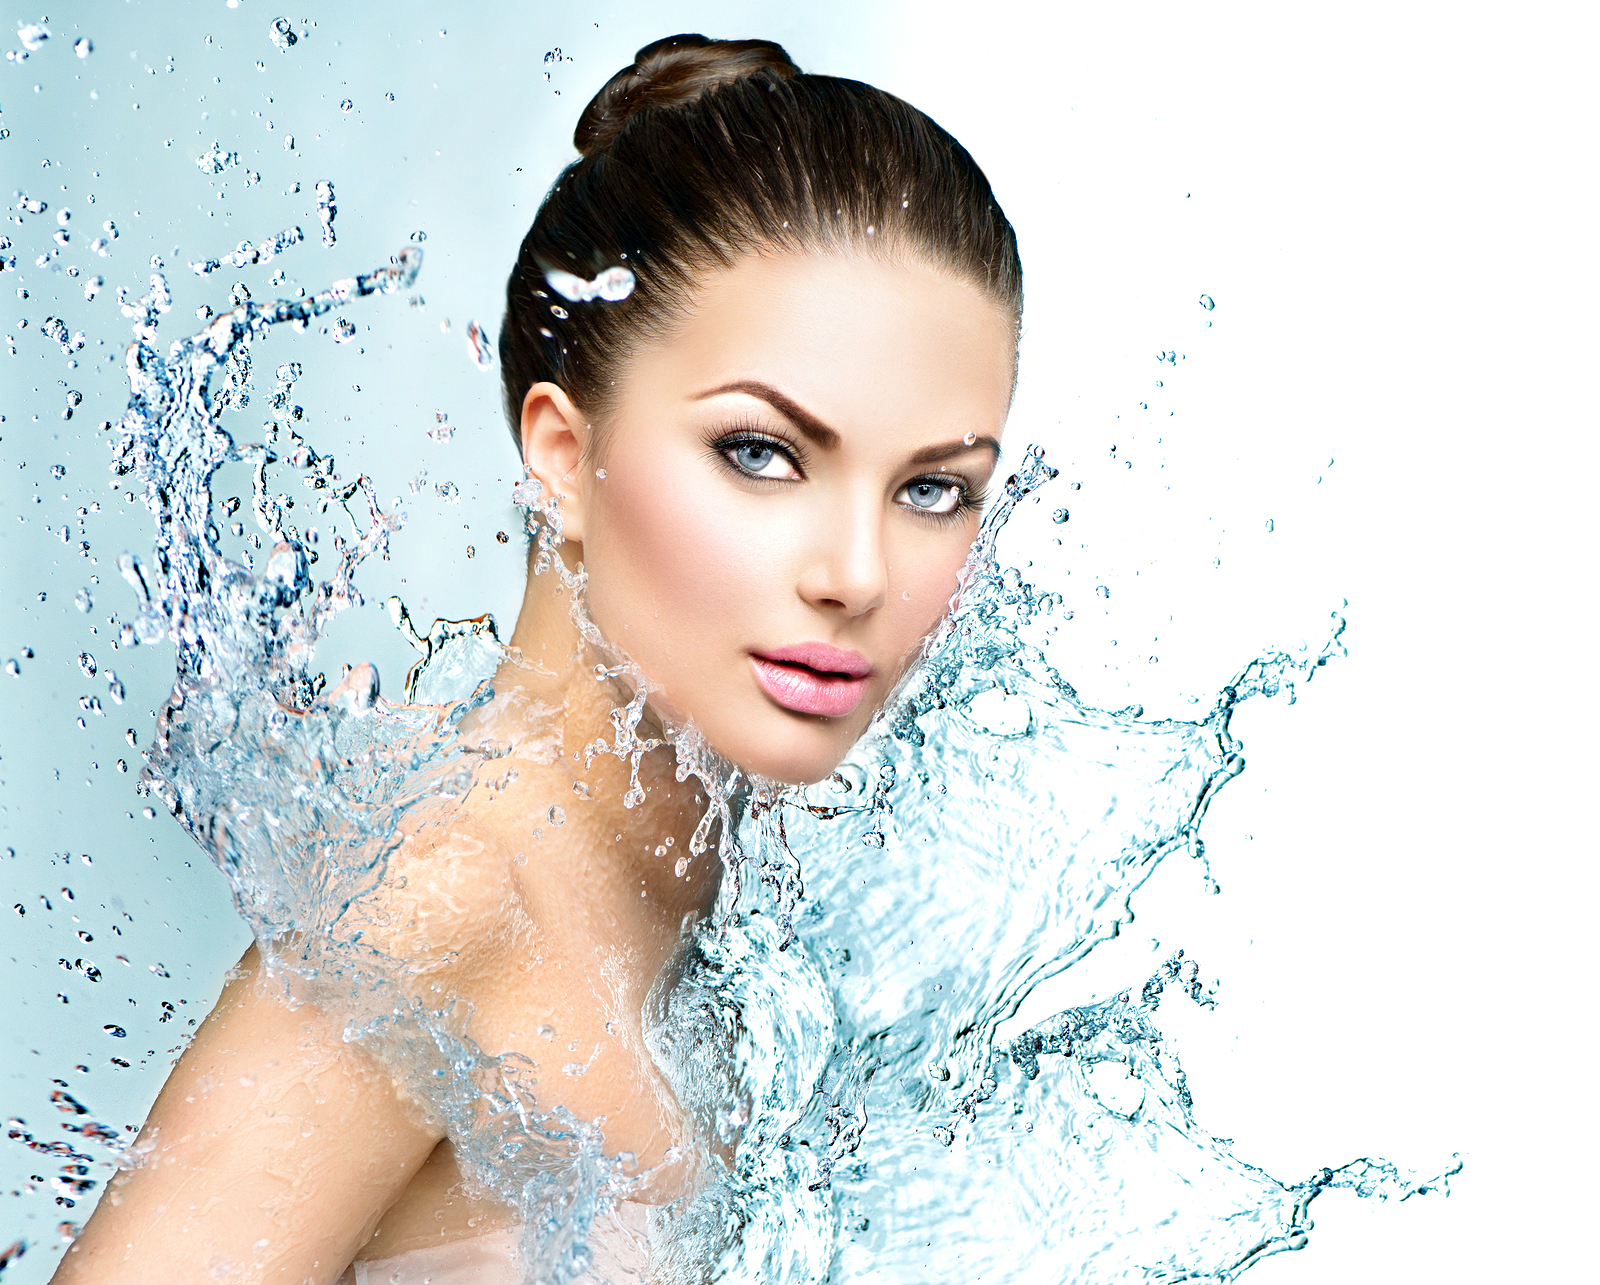 bigstock-Beautiful-Model-Spa-Woman-with-111297272.jpg